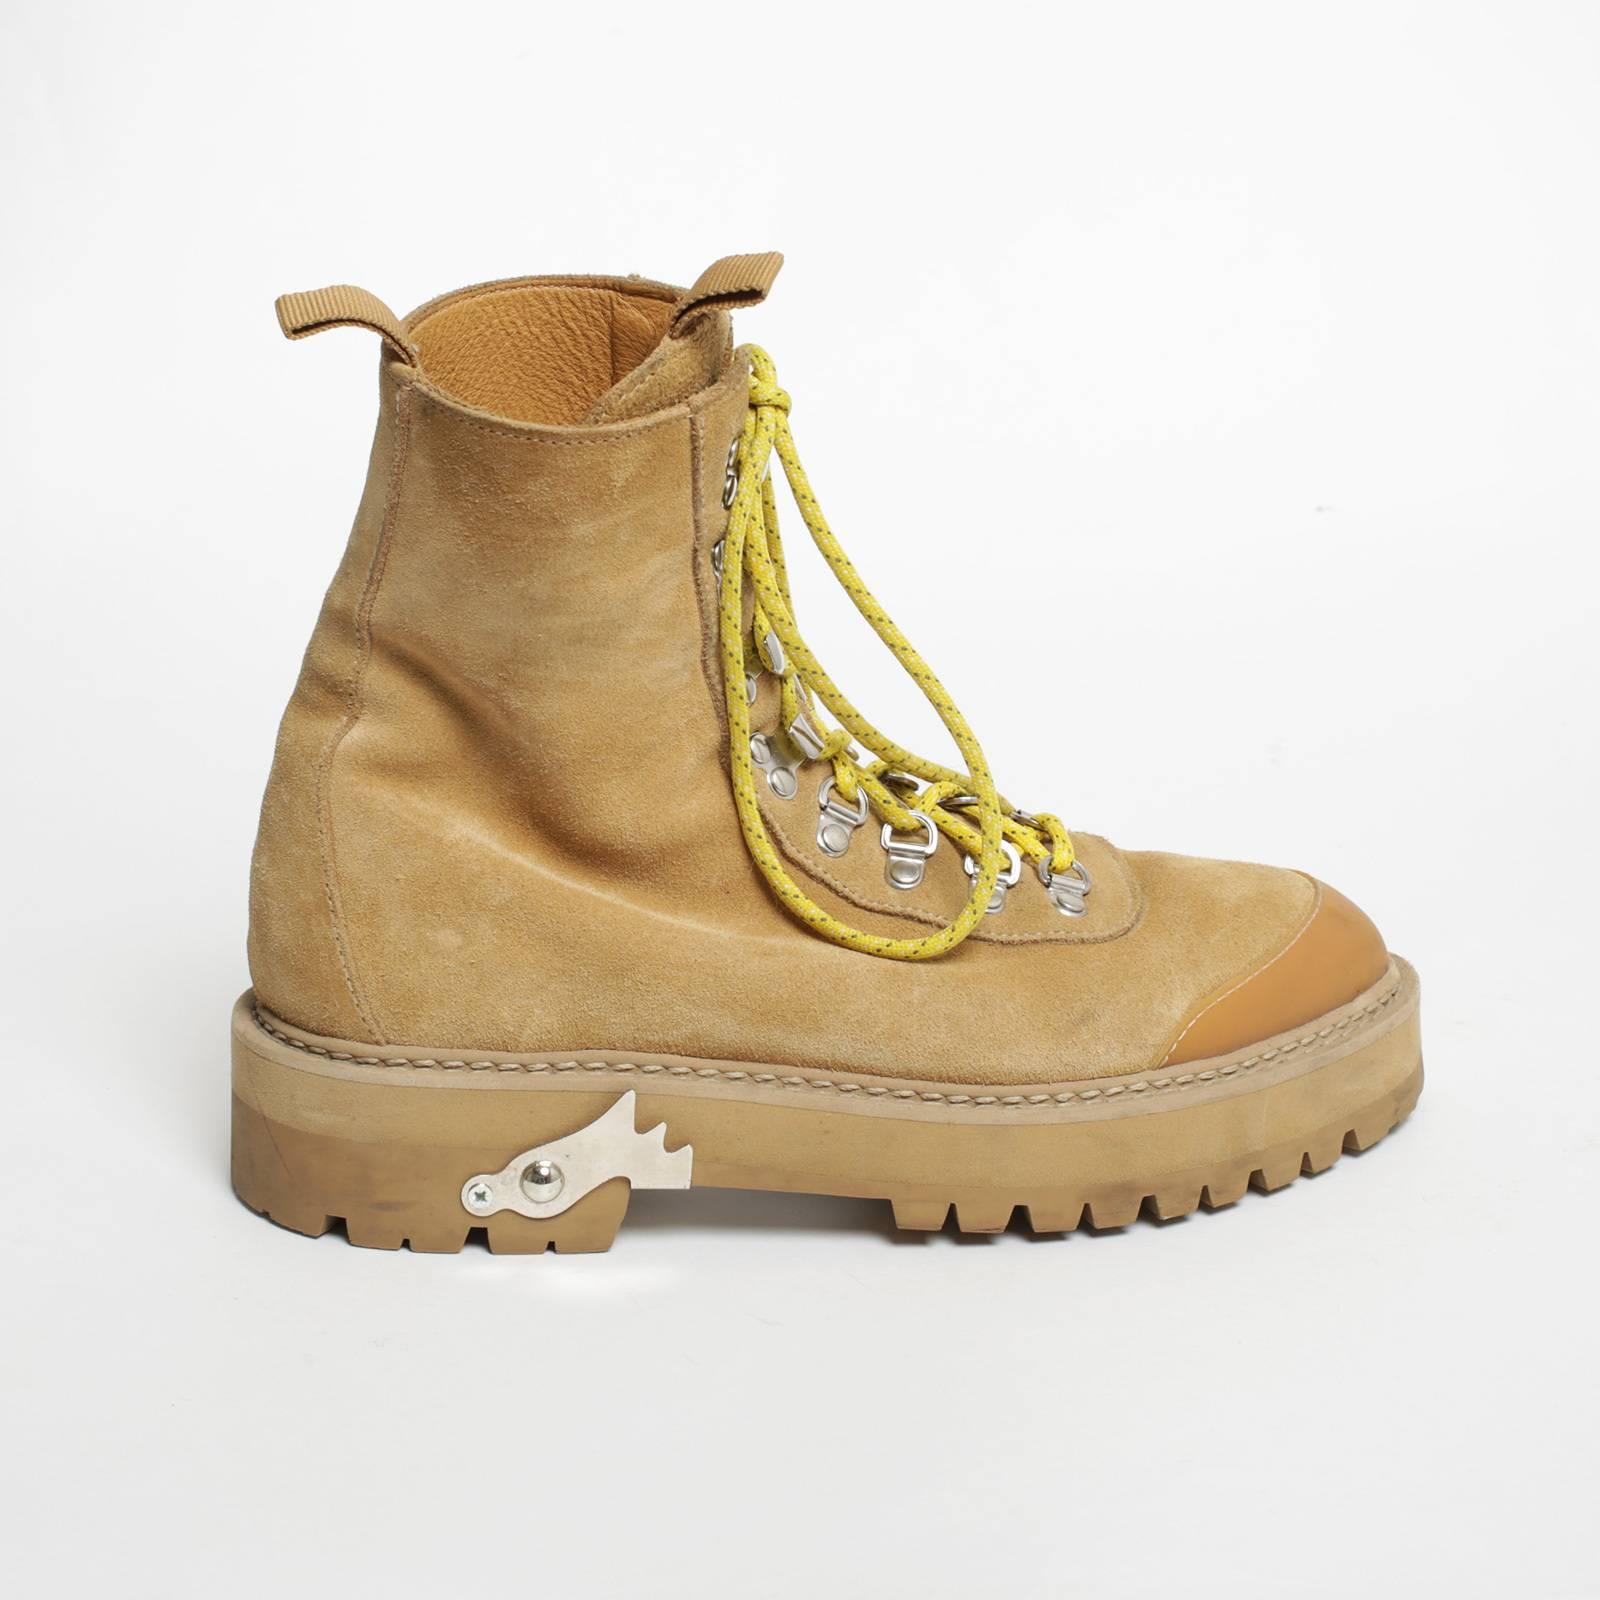 Купить ботинки Off-White в Москве с доставкой по цене 17100 рублей ... 176e9b78cfd